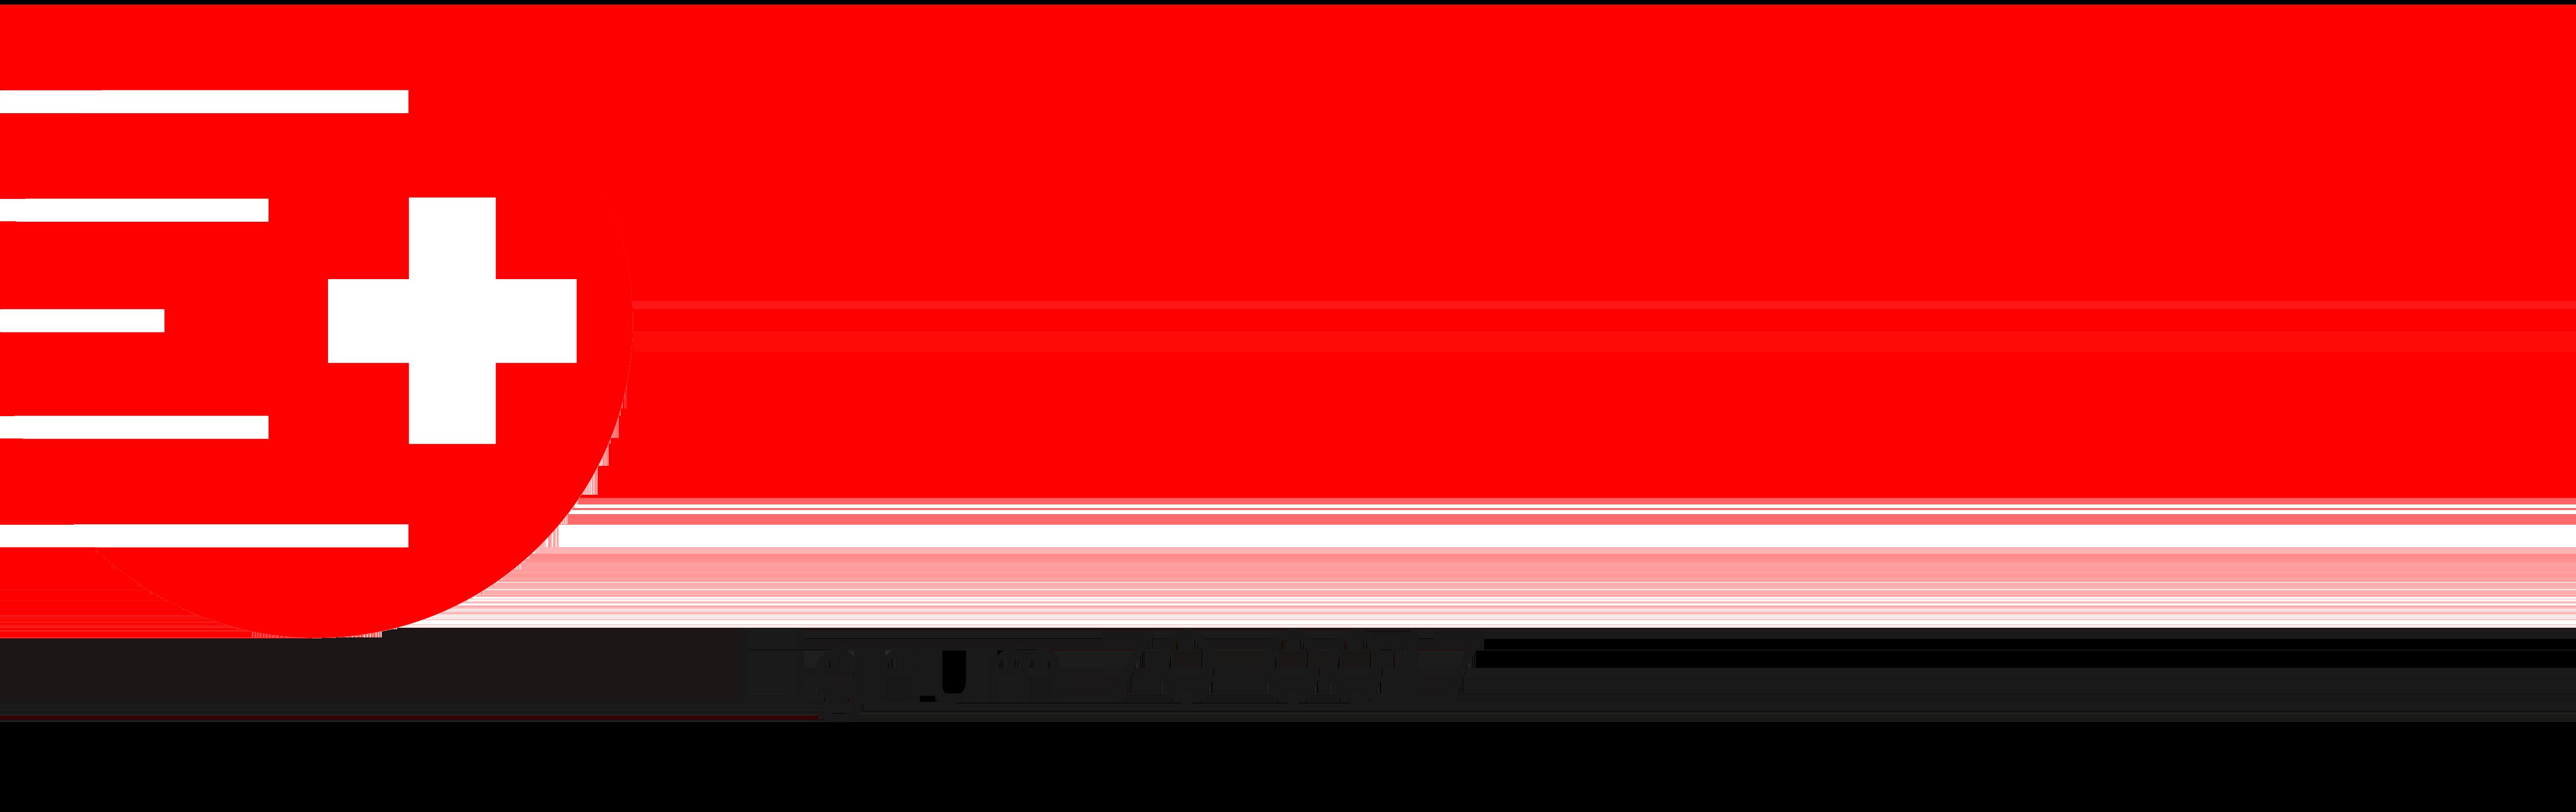 CaveauStar verwendet Herkunftszeichen Schweizer Holz